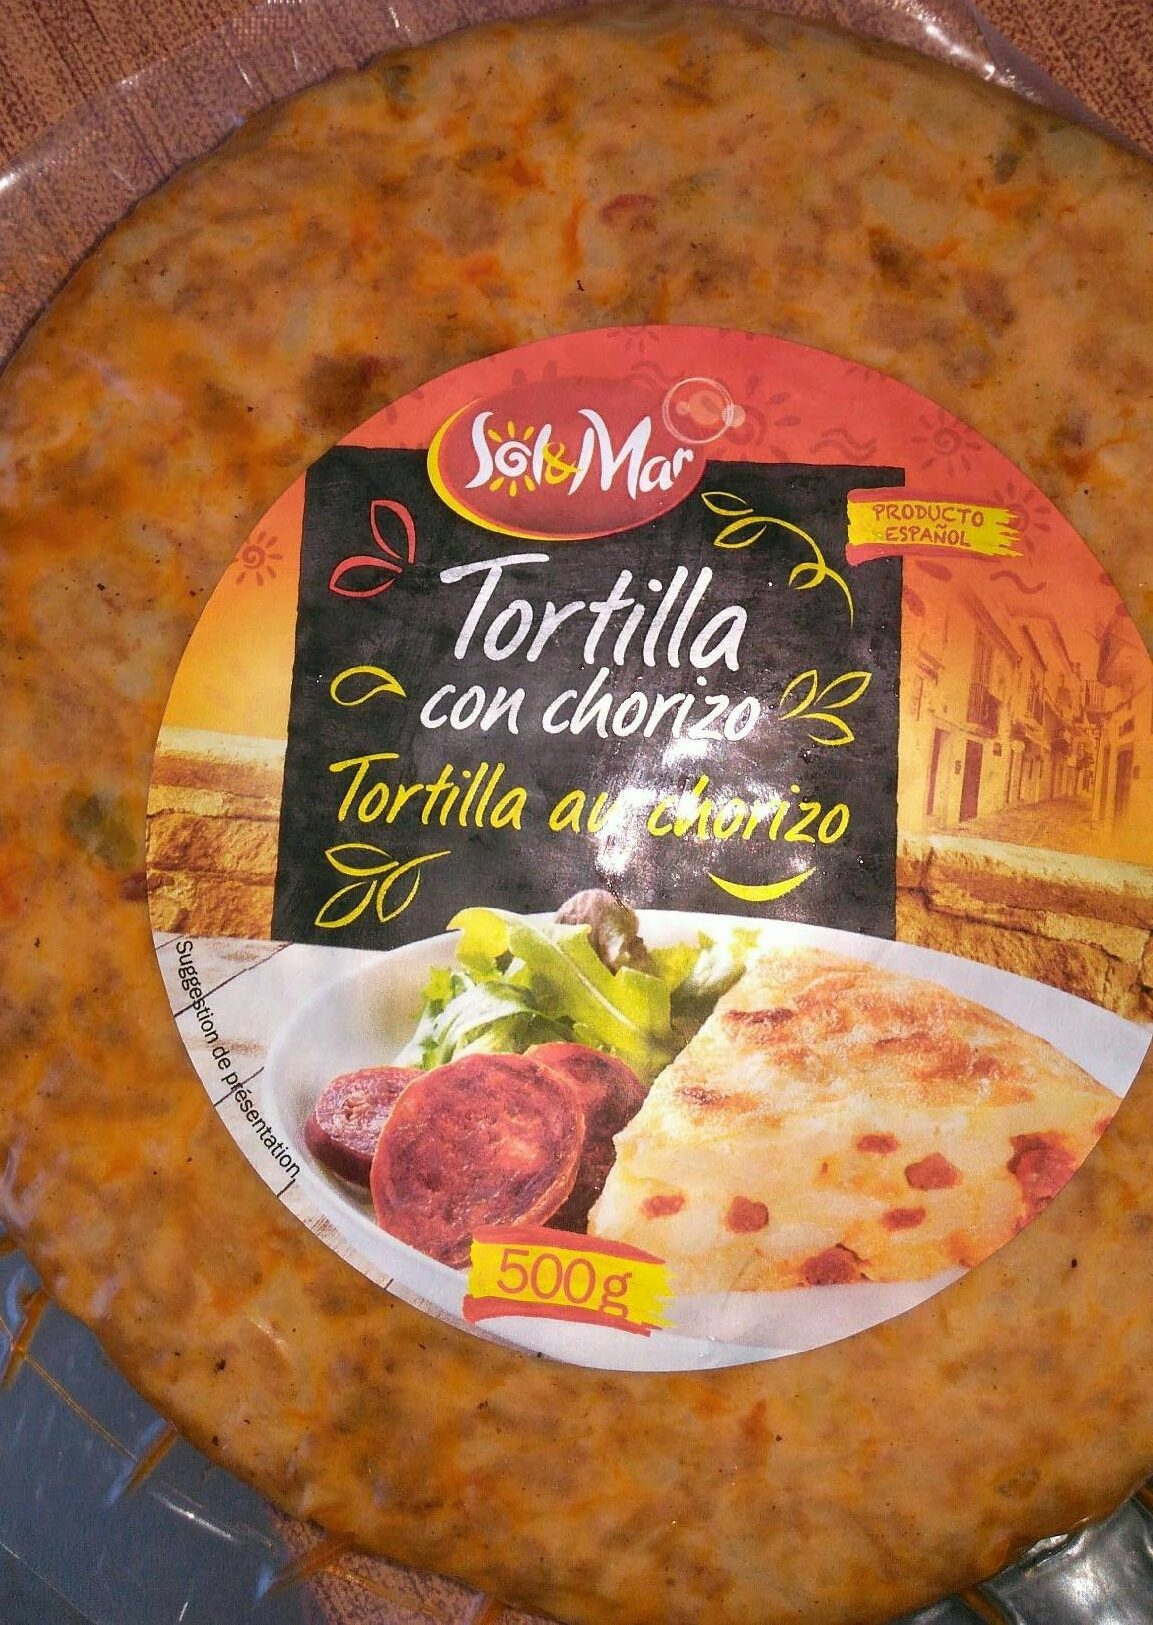 Tortilla au chorizo - Product